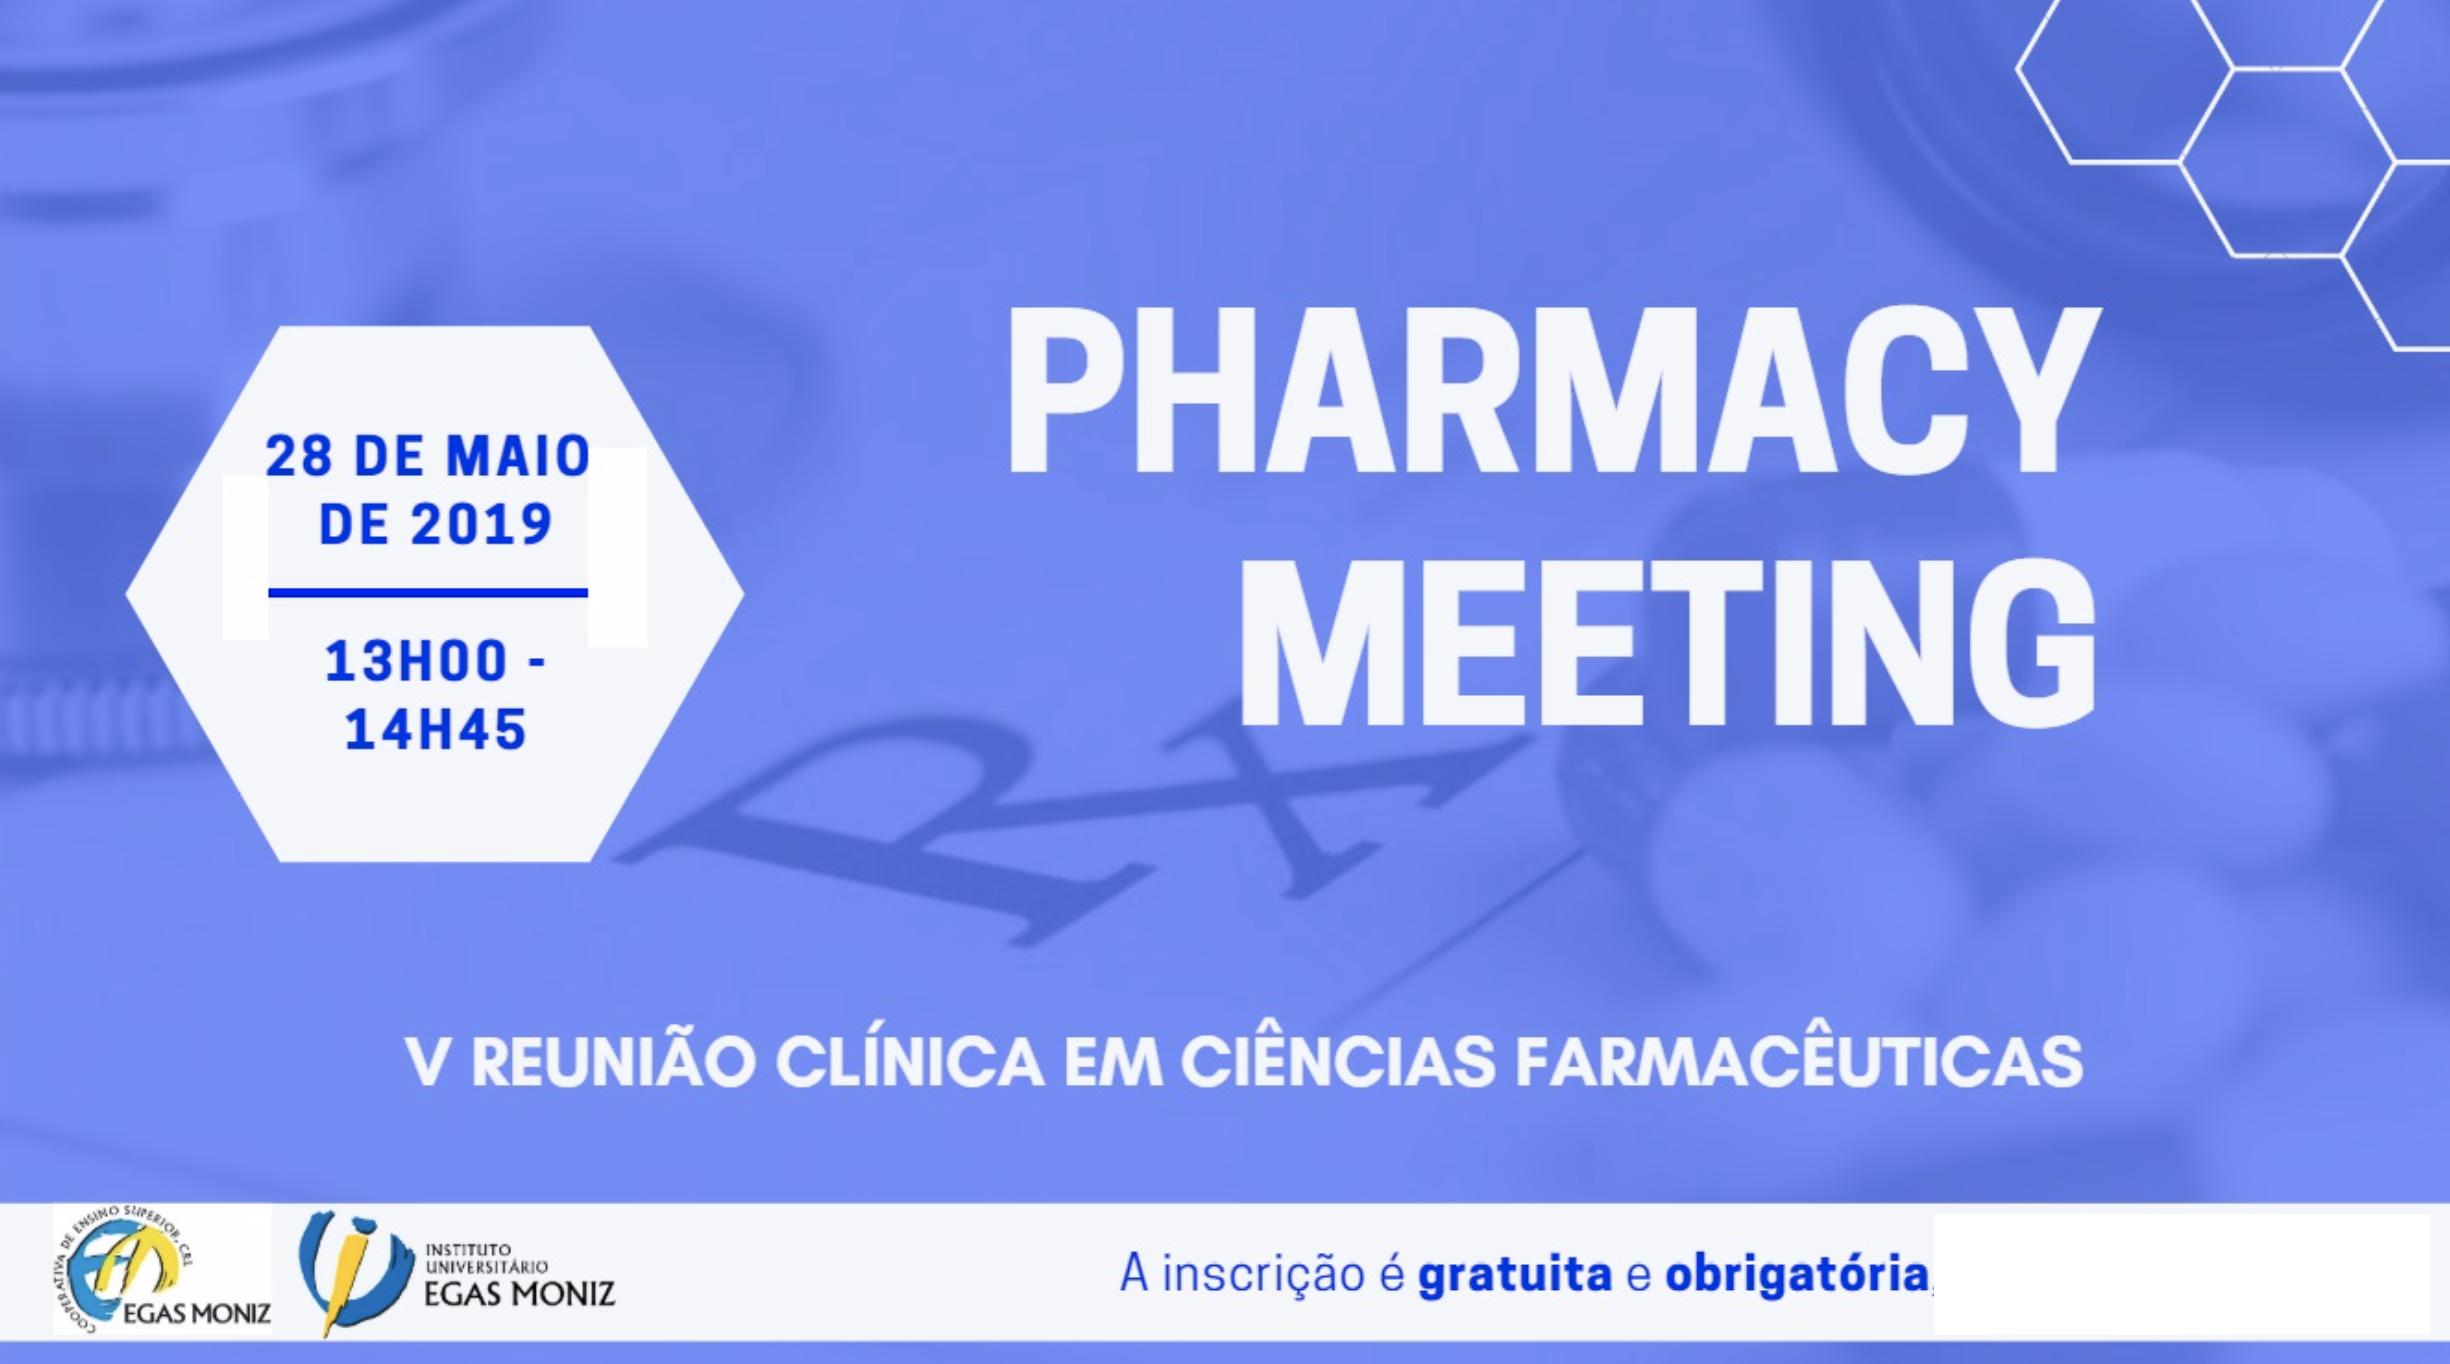 Reuniões Clínicas em Ciências Farmacêuticas 2019